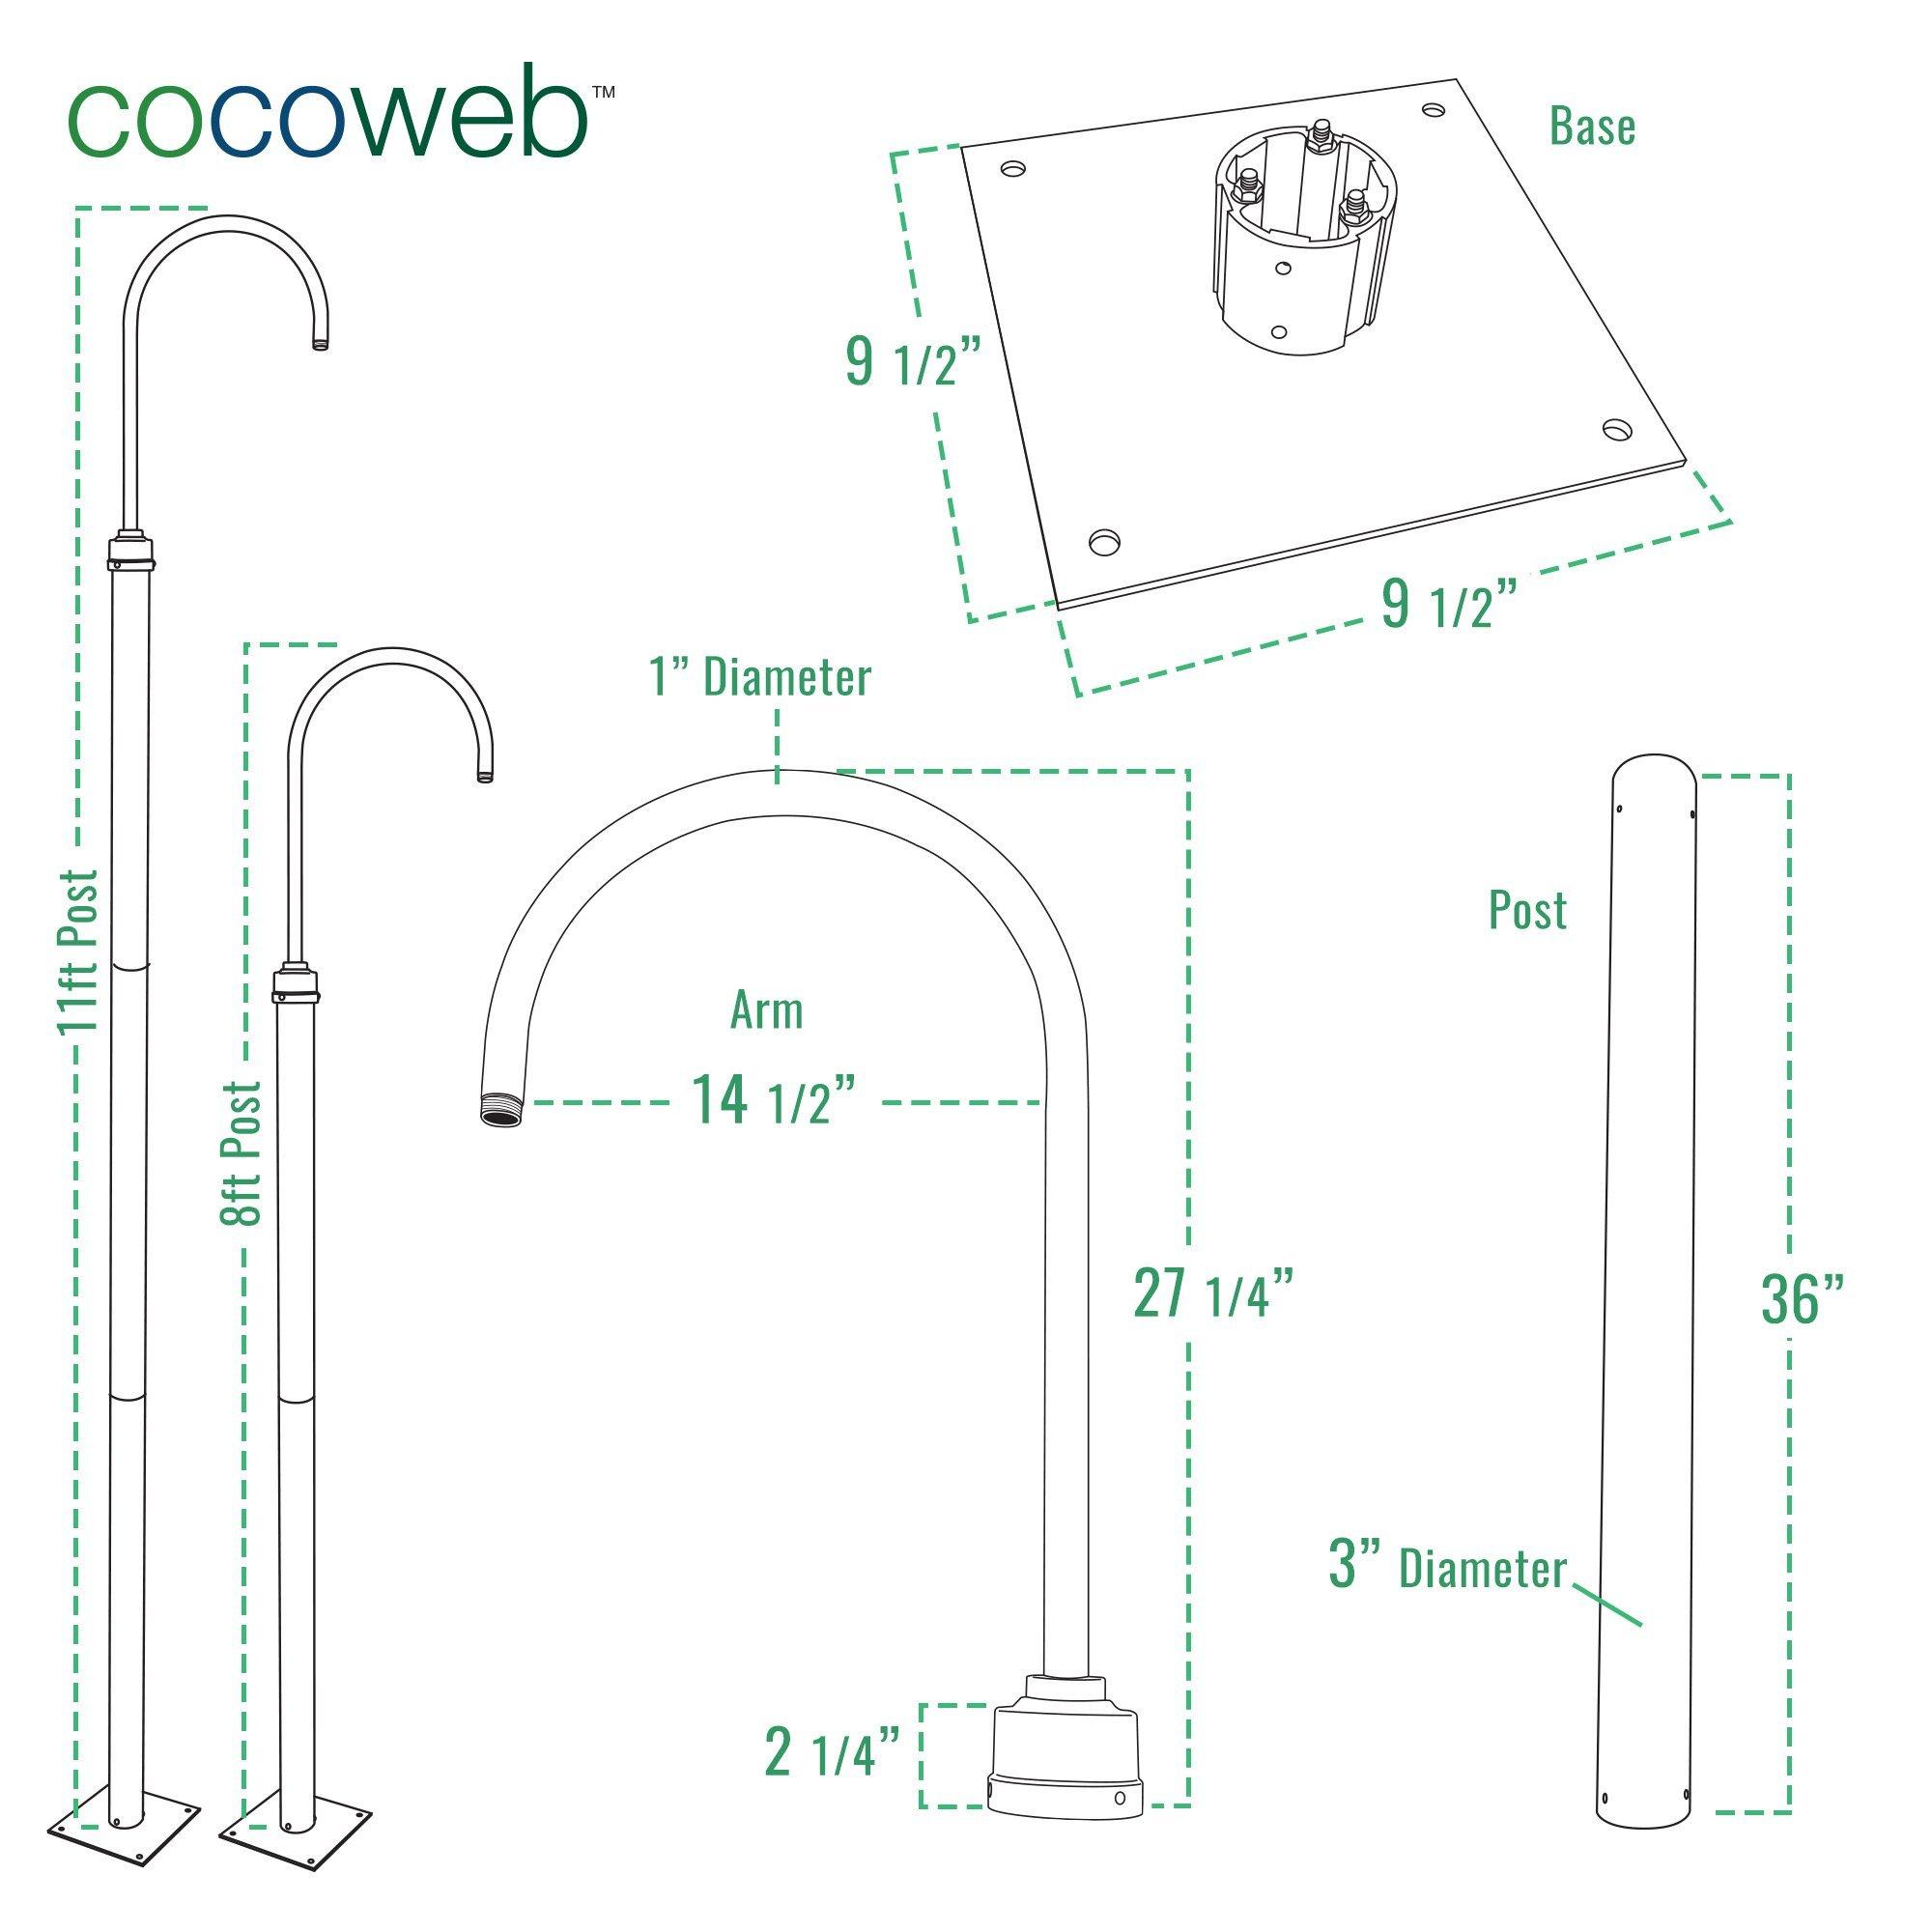 Cocoweb 8' Post for Cocoweb Brand Barn Lights